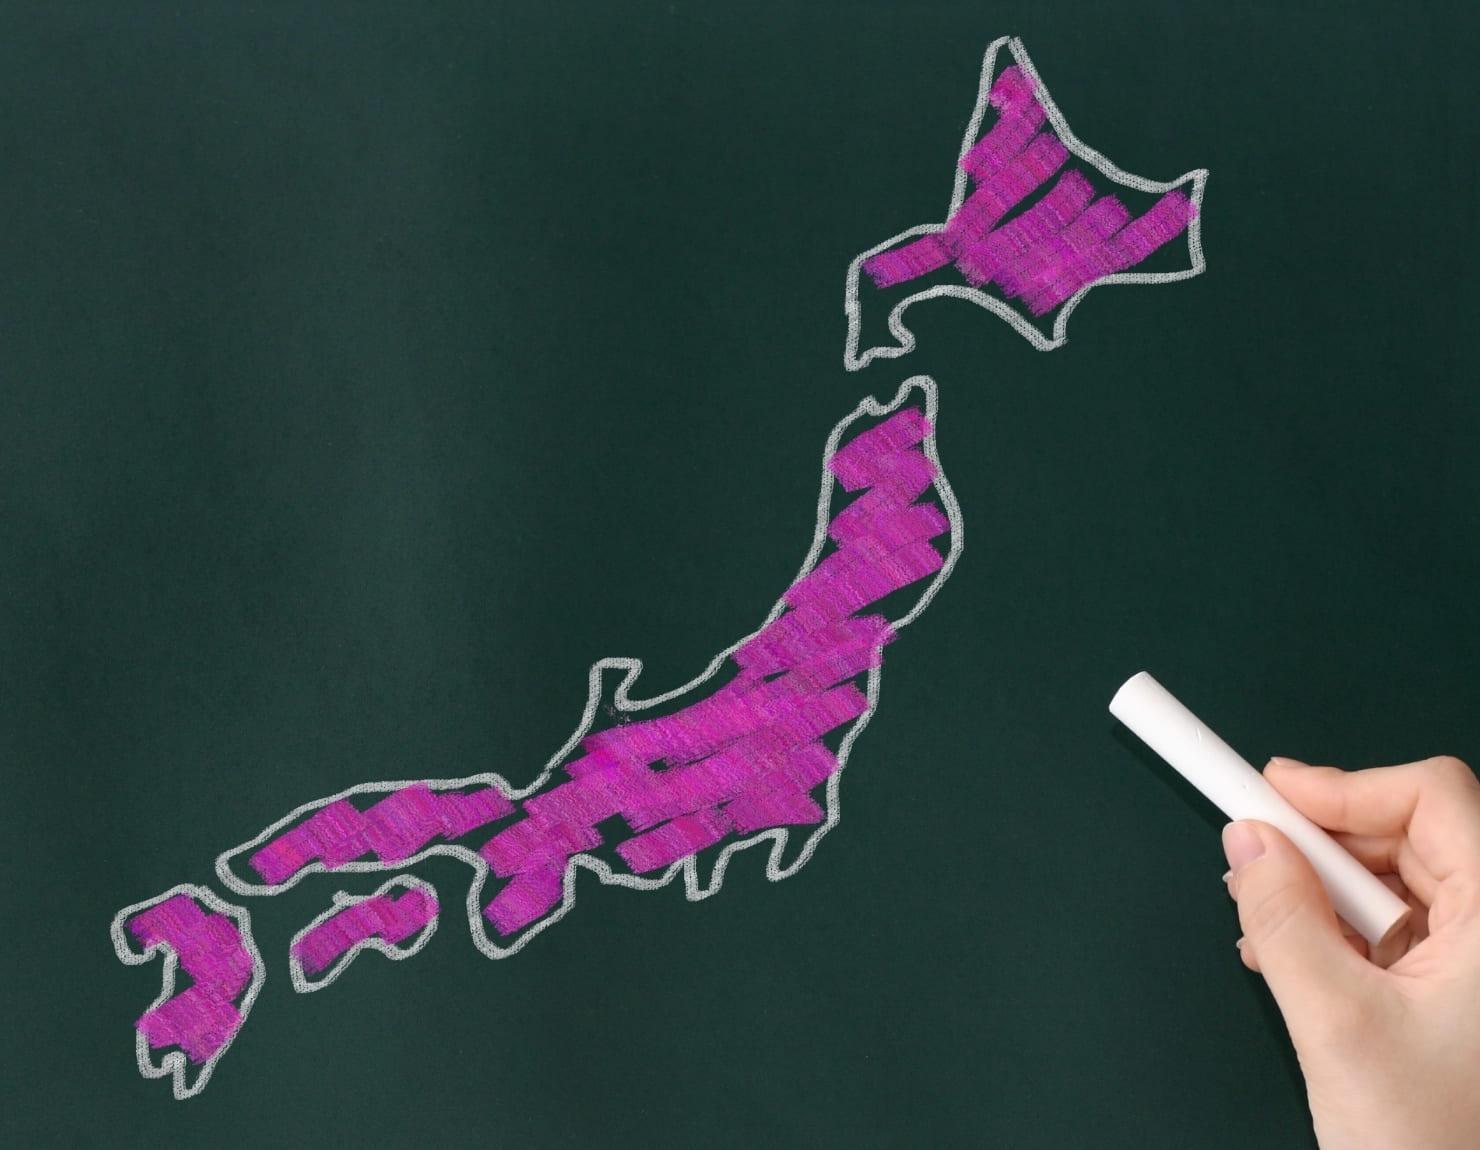 全国日本列島のイメージ